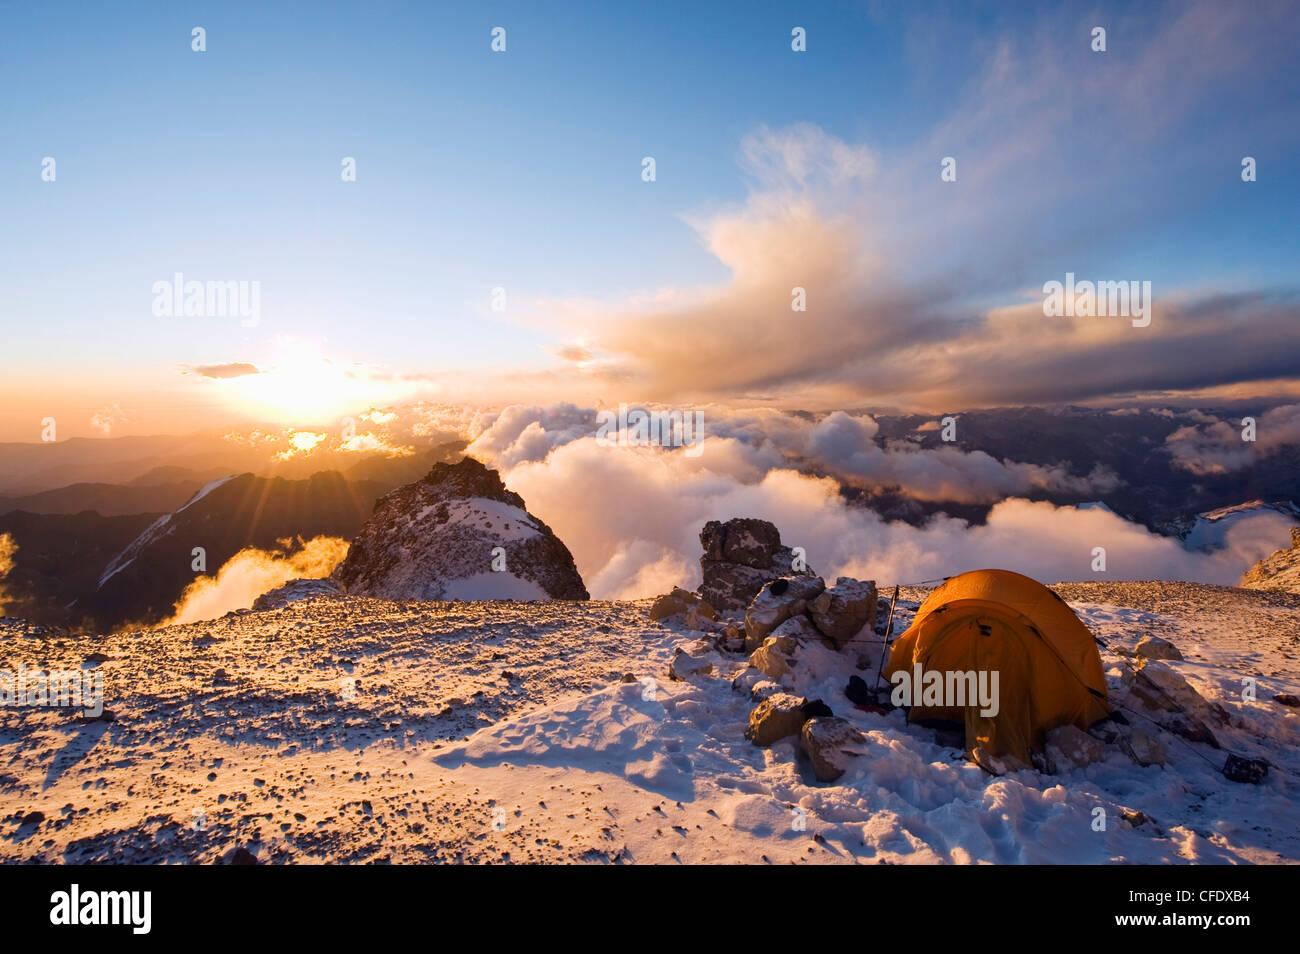 Atardecer en rocas blancas (Piedras Blancas) camping, Parque Provincial Aconcagua, Cordillera de Los Andes, Argentina Imagen De Stock